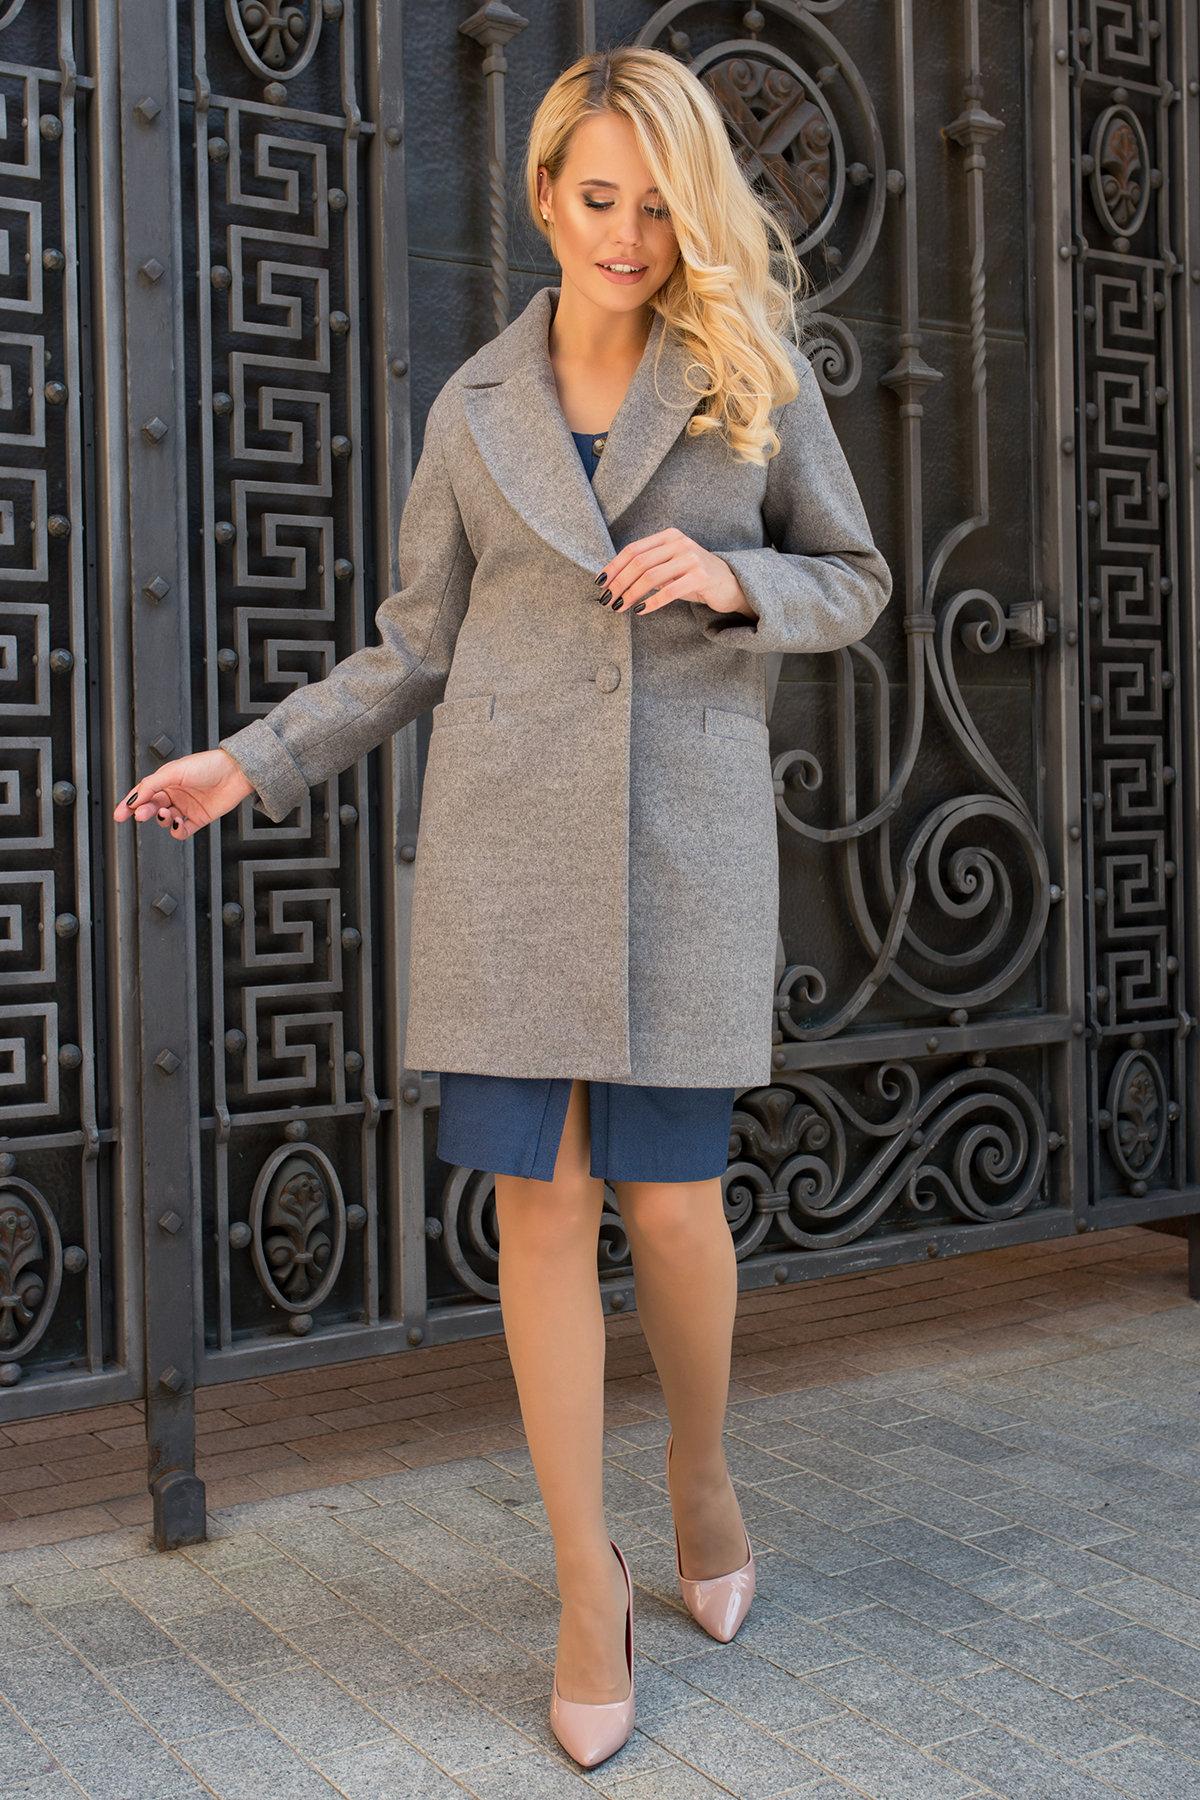 Пальто Вива 7868 АРТ. 43796 Цвет: Карамель 20 - фото 2, интернет магазин tm-modus.ru